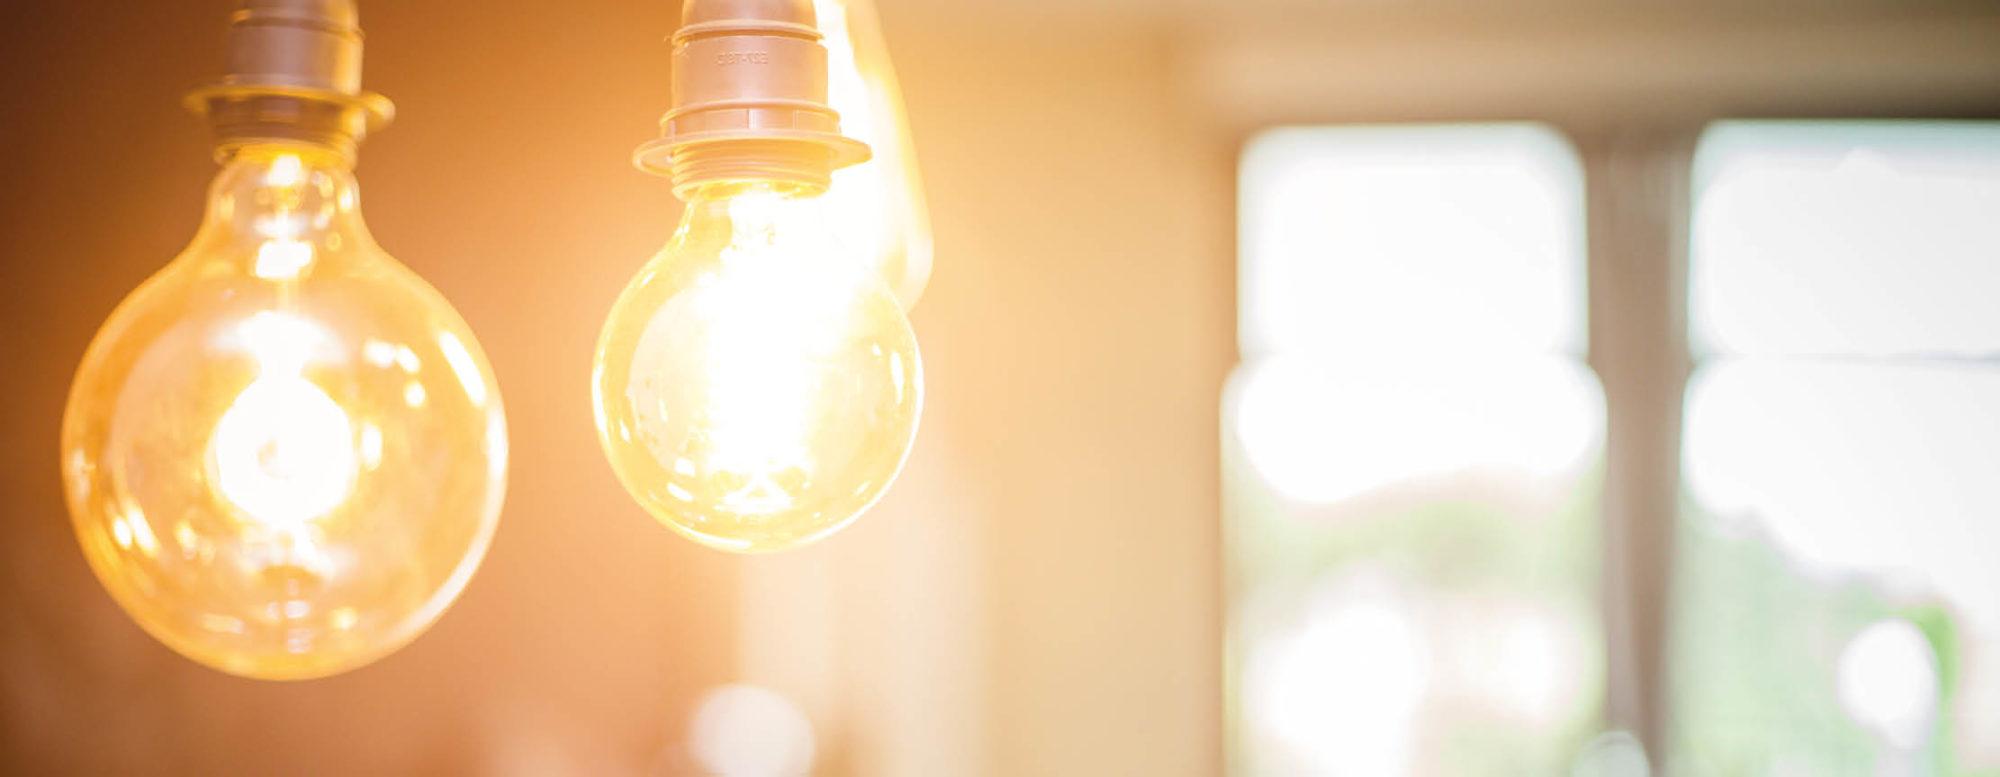 Darstellung von Leuchtmitteln in einem Raum.